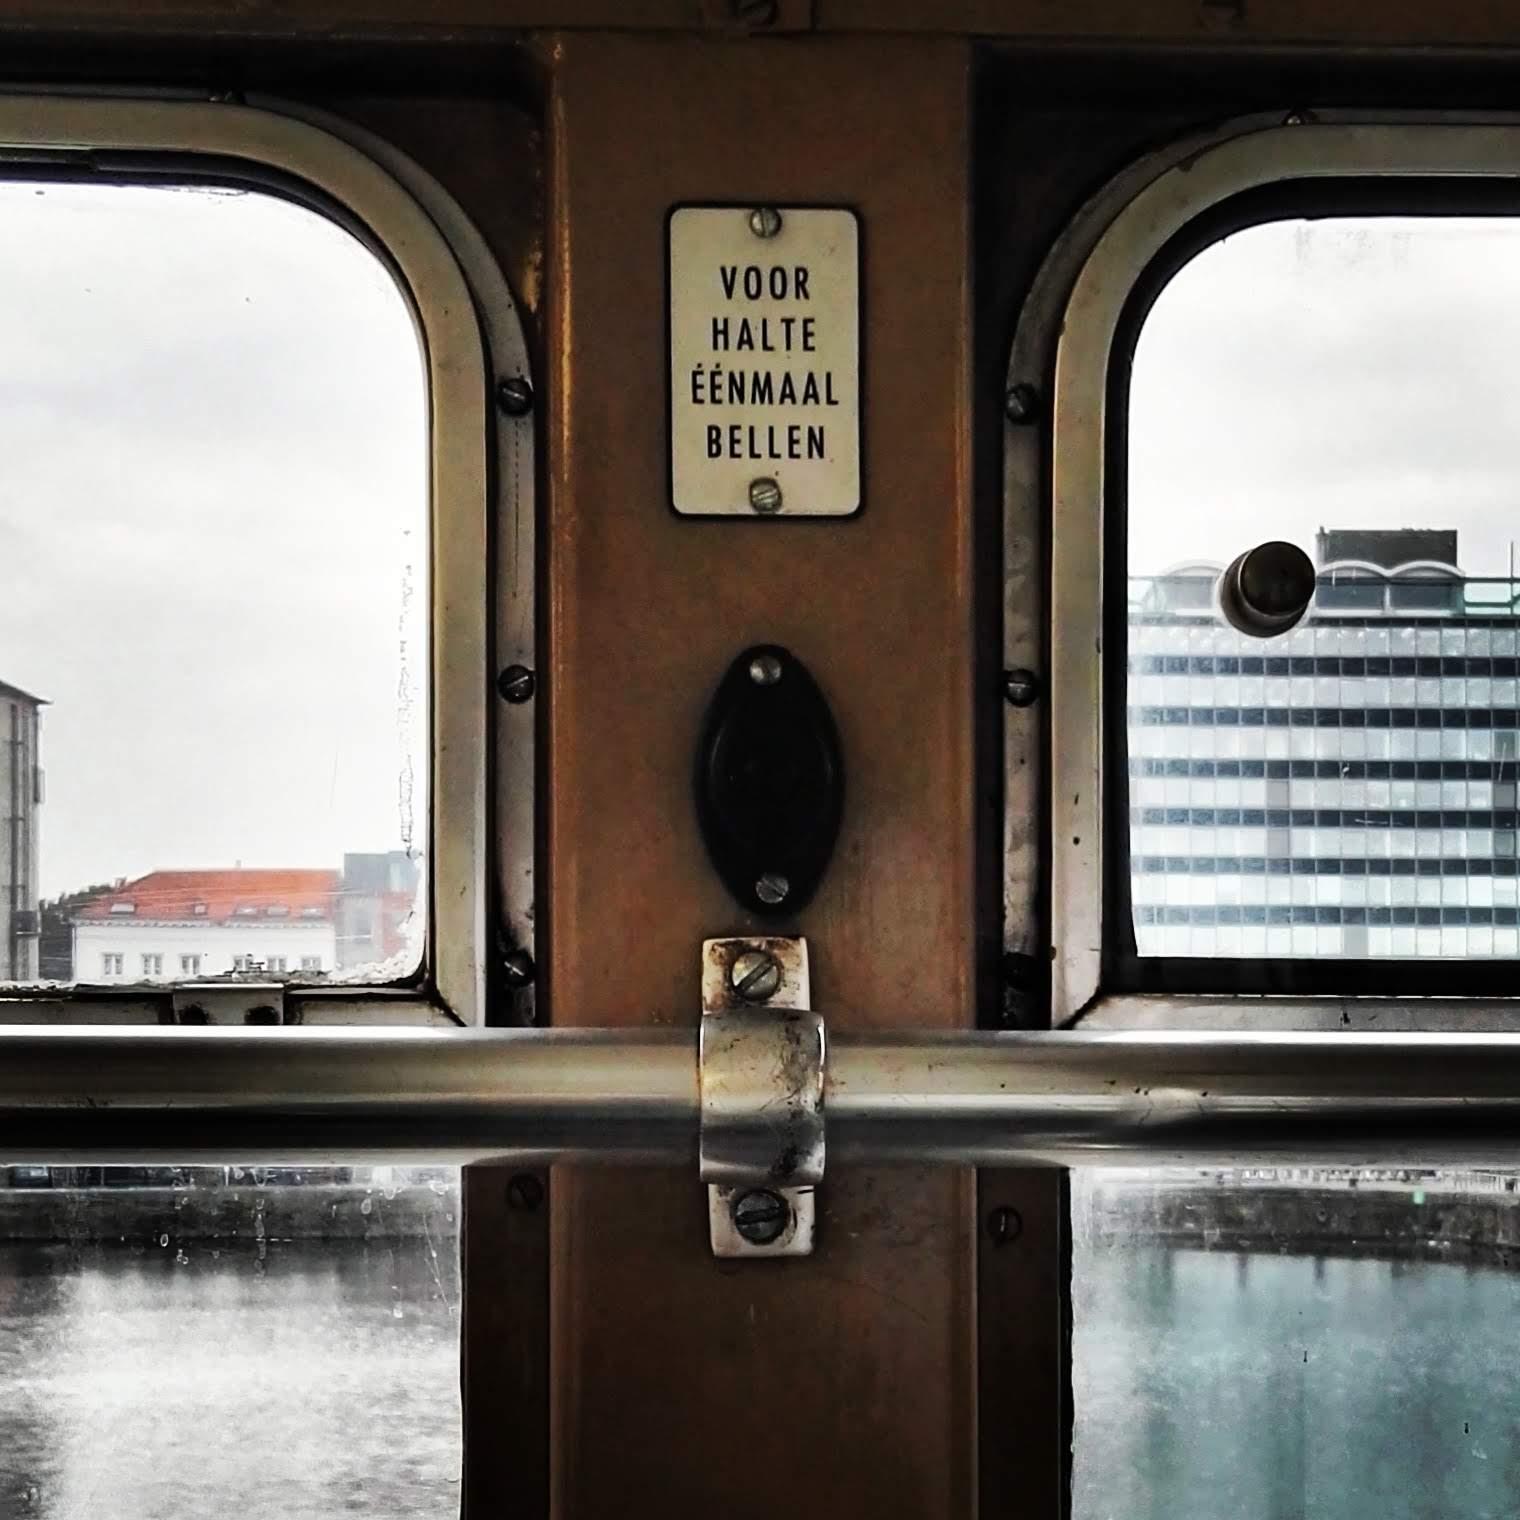 Antwerpen Tramlijn 70, halte eenmaal bellen